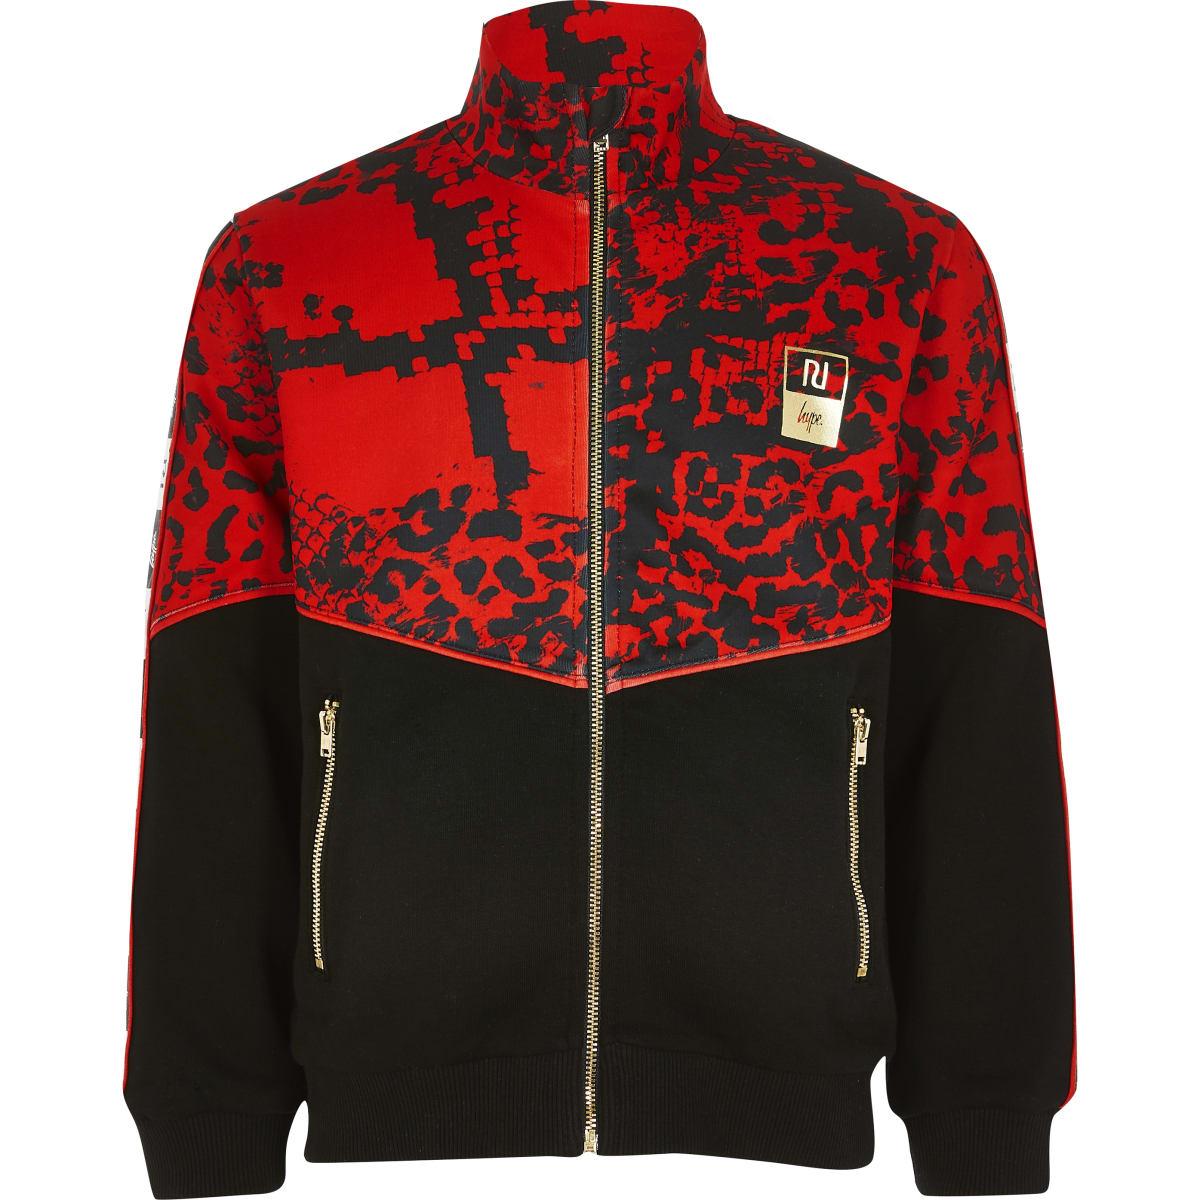 Kids RI x Hype red blocked zip hoodie